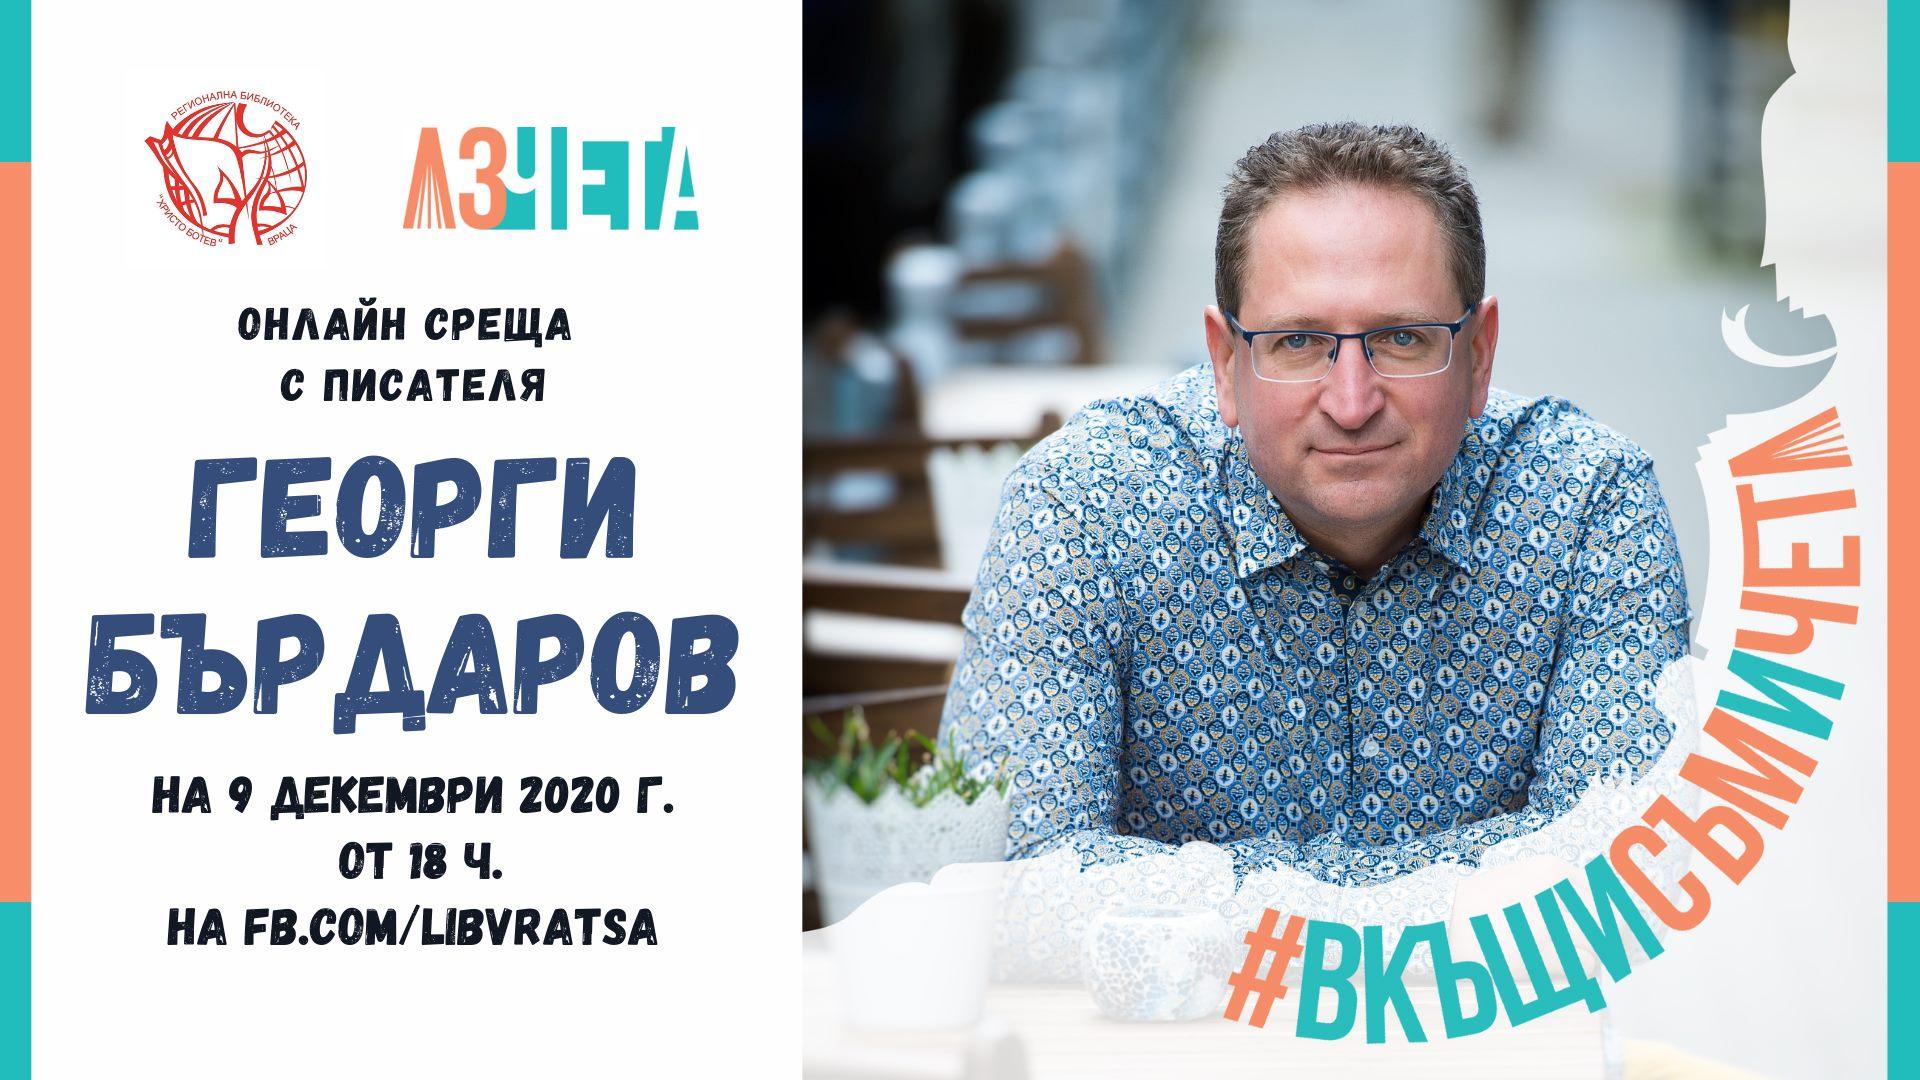 #ВкъщиСъмИЧета12 представя Георги Бърдаров